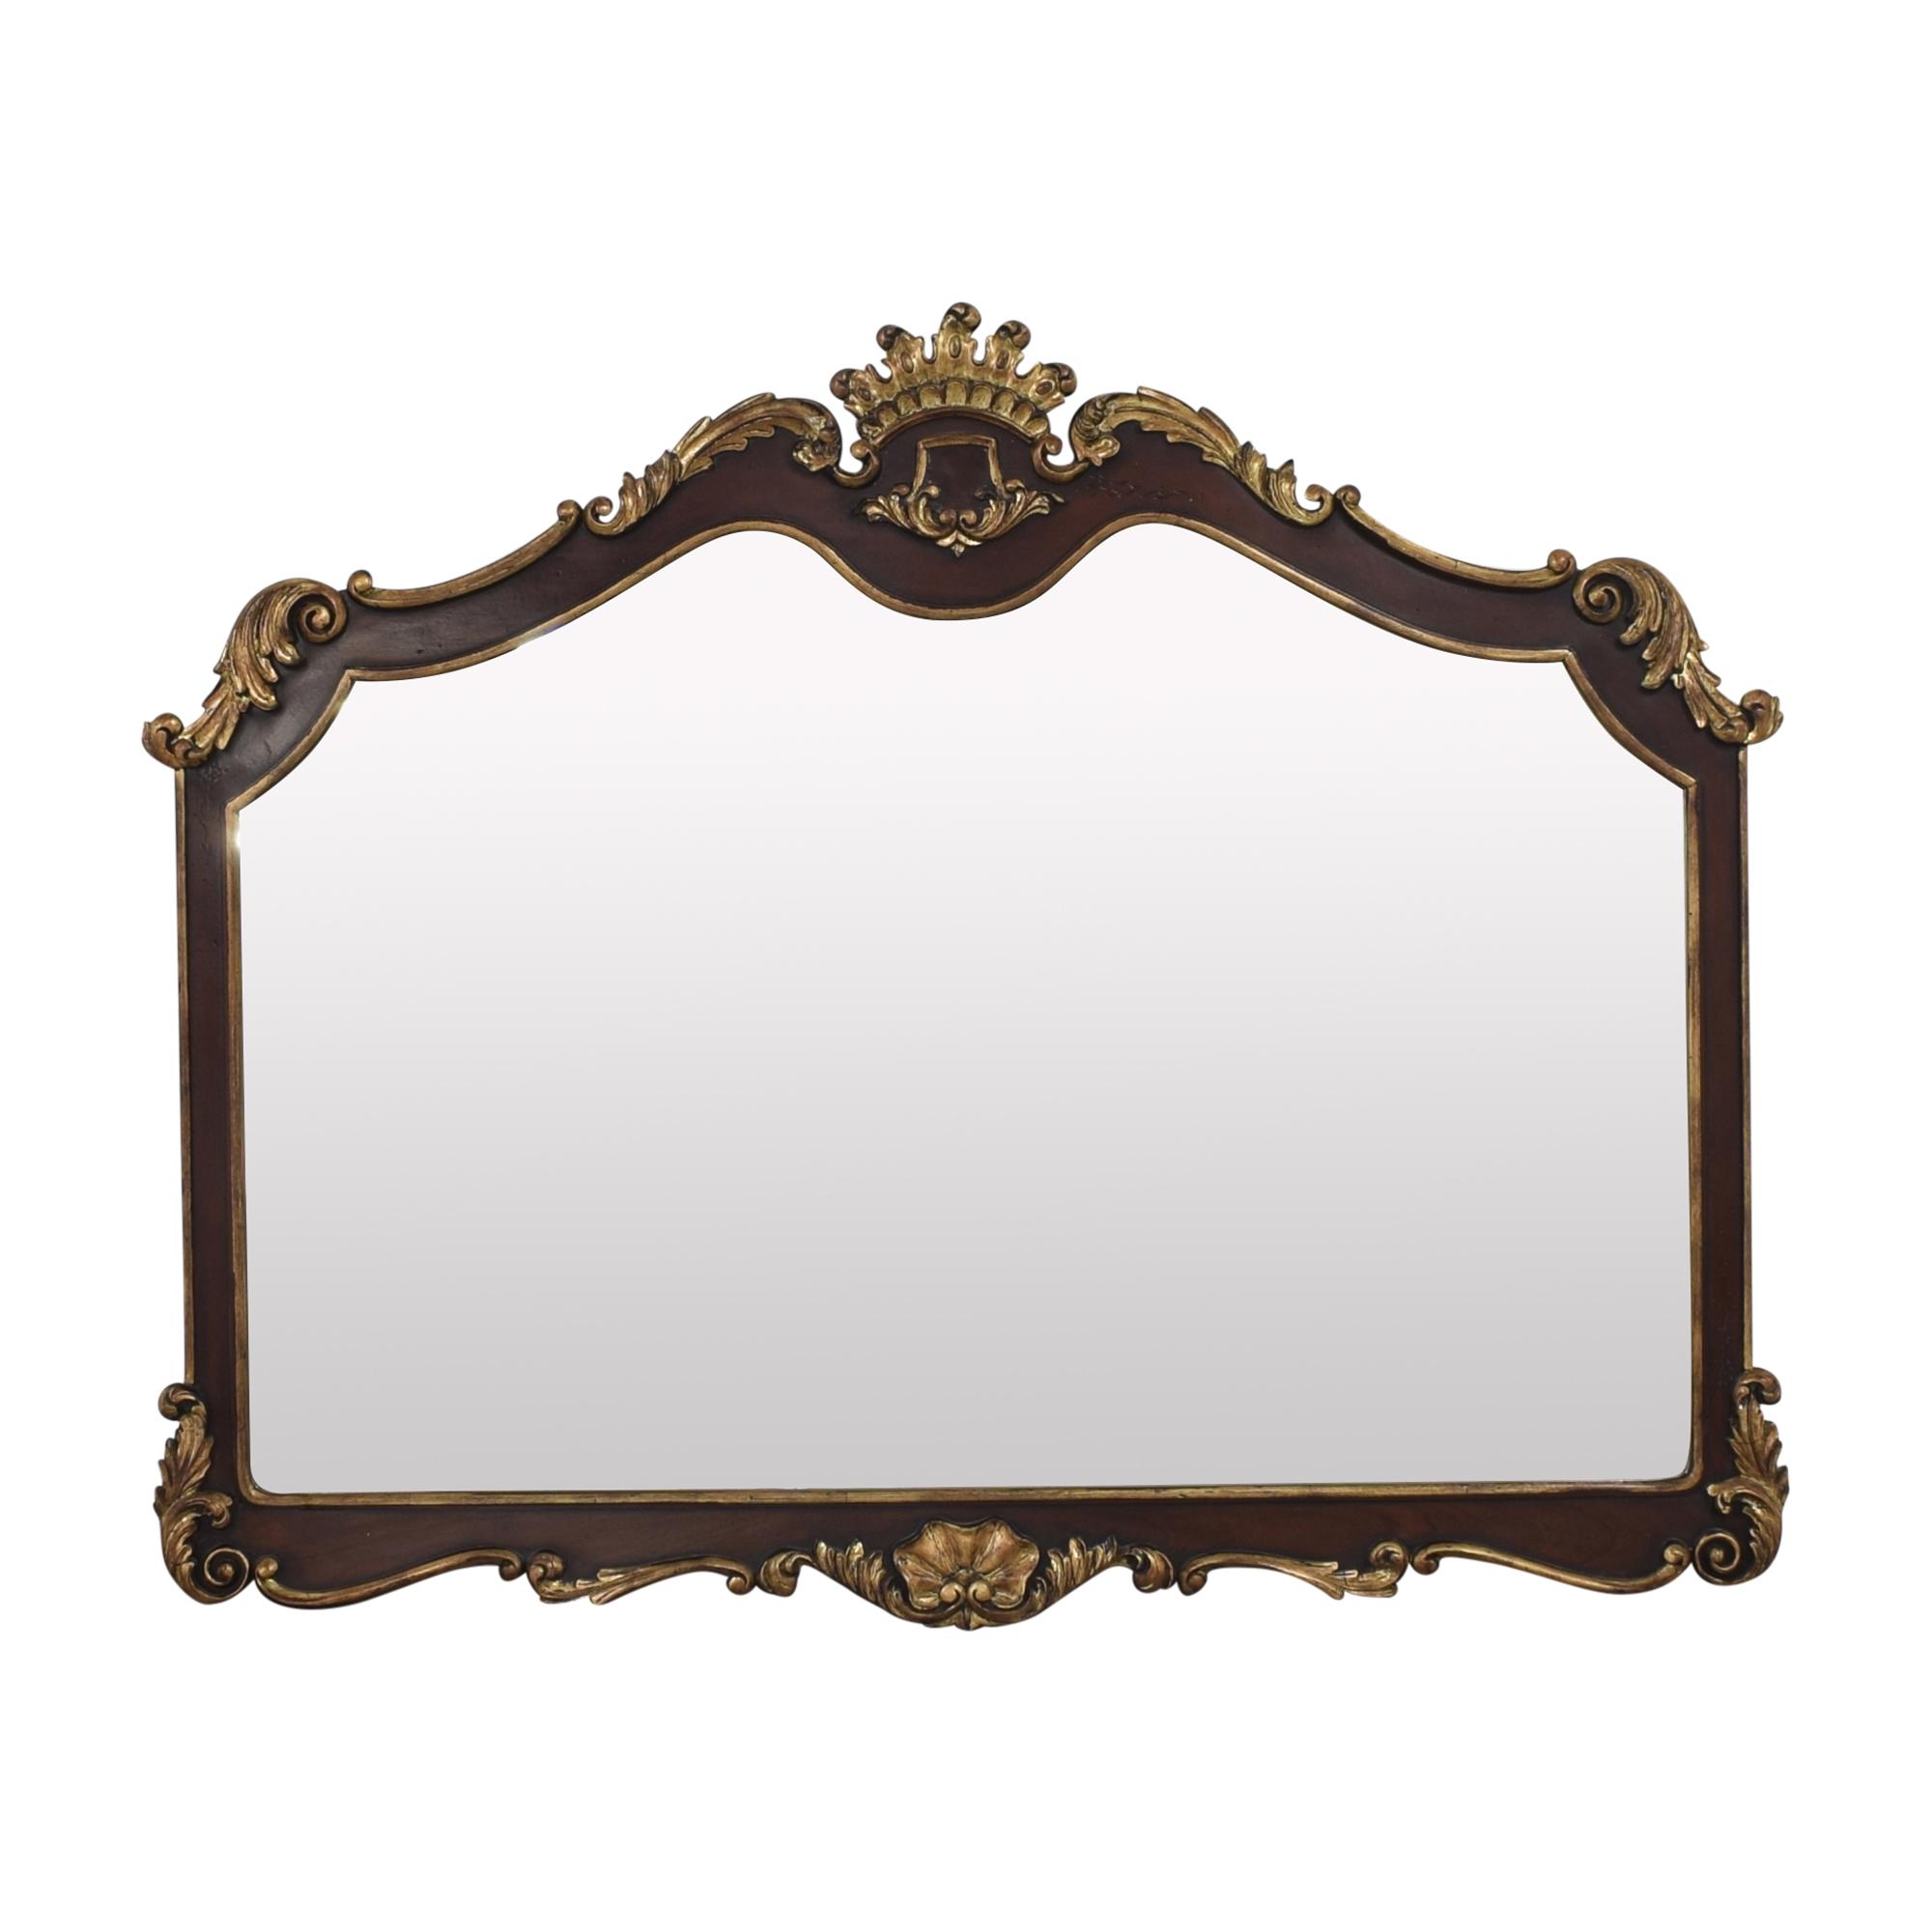 buy Henredon Furniture Henredon Furniture Arabesque Framed Mirror online